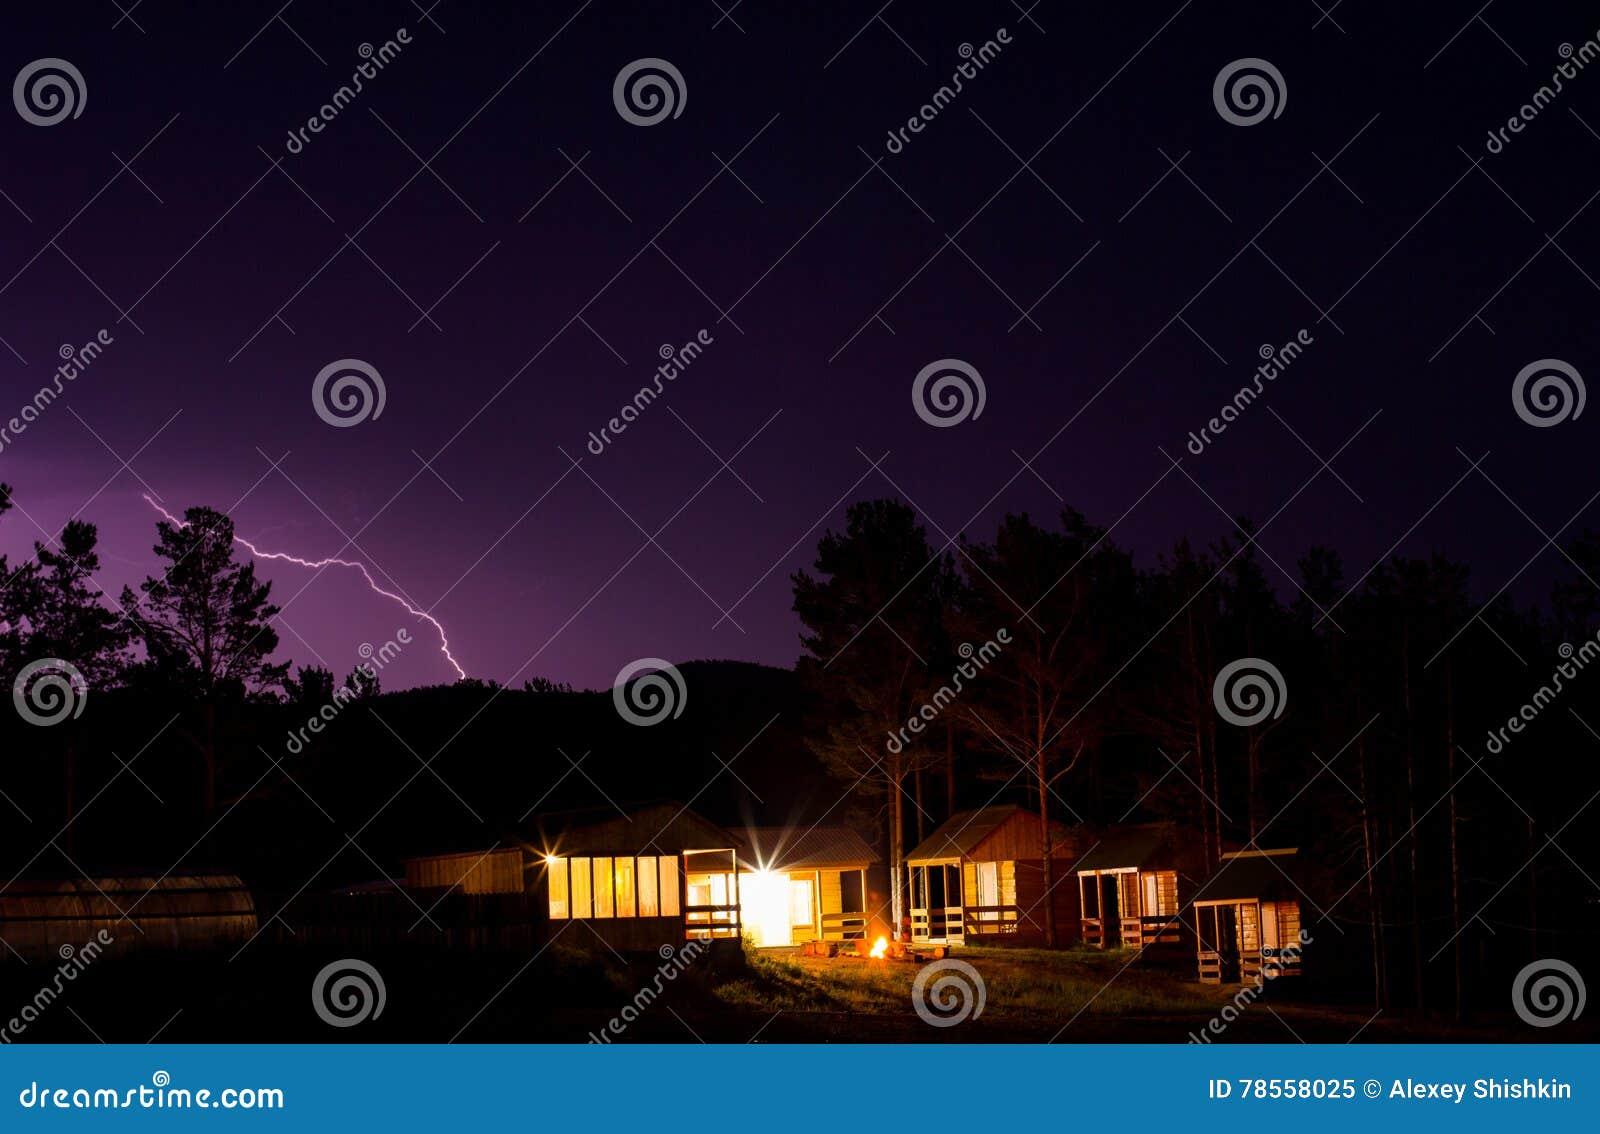 Молния в ночном небе над домами